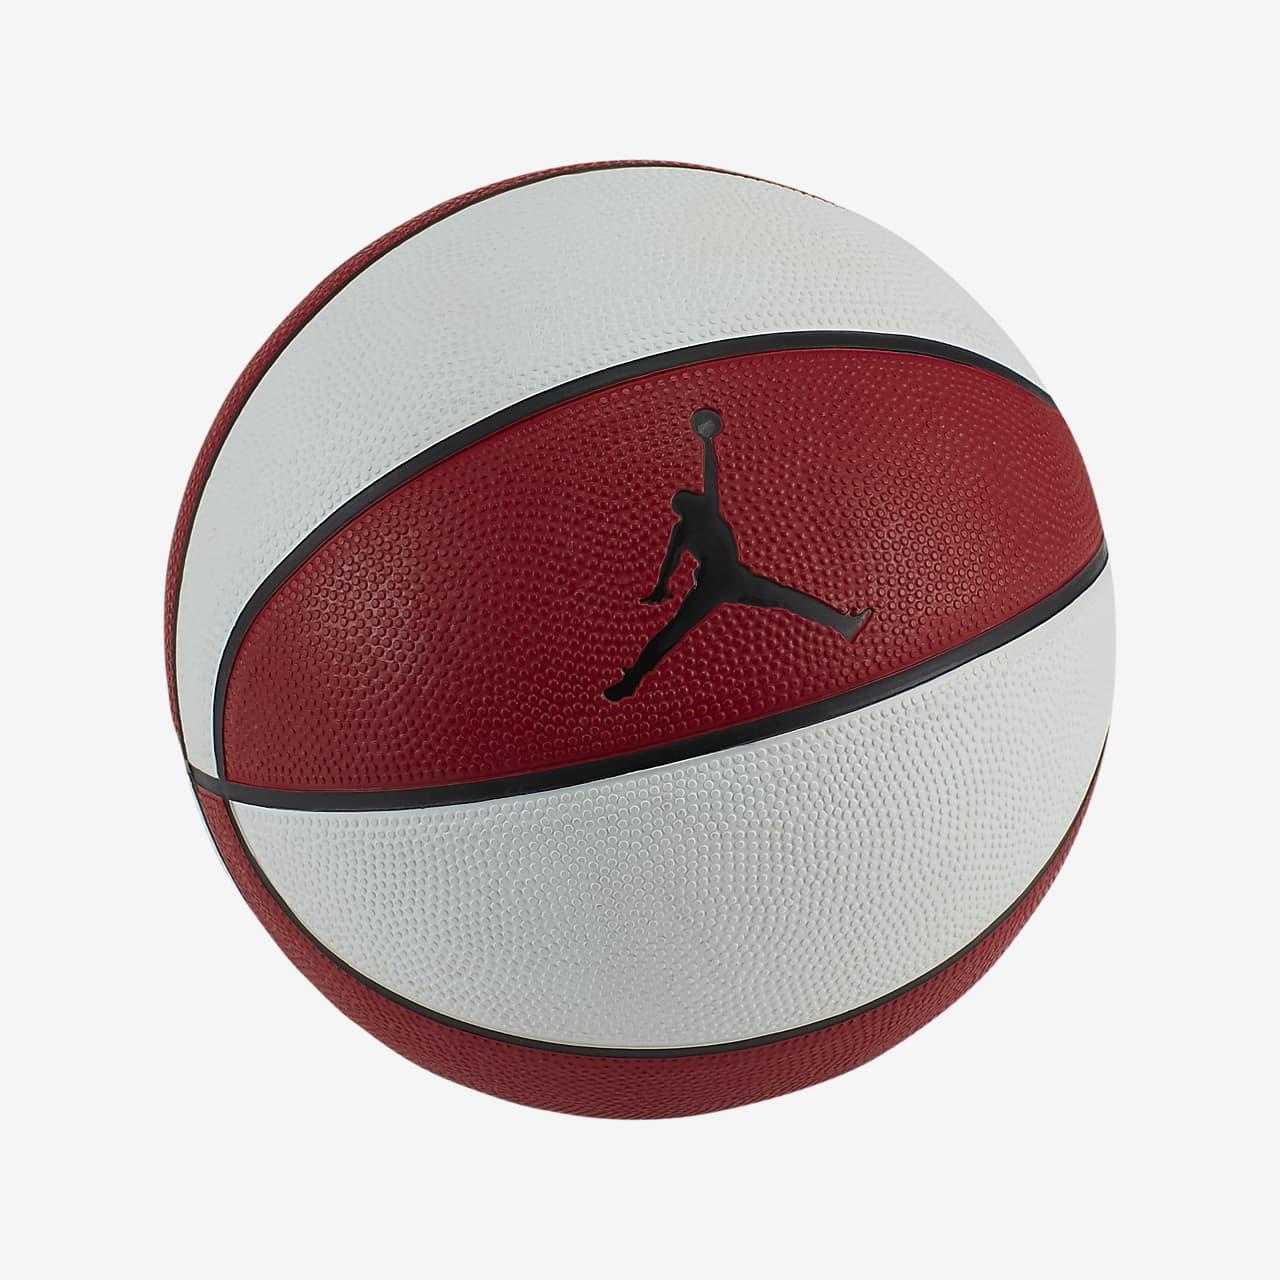 Balón de básquetbol Jordan Skills (tamaño 3)